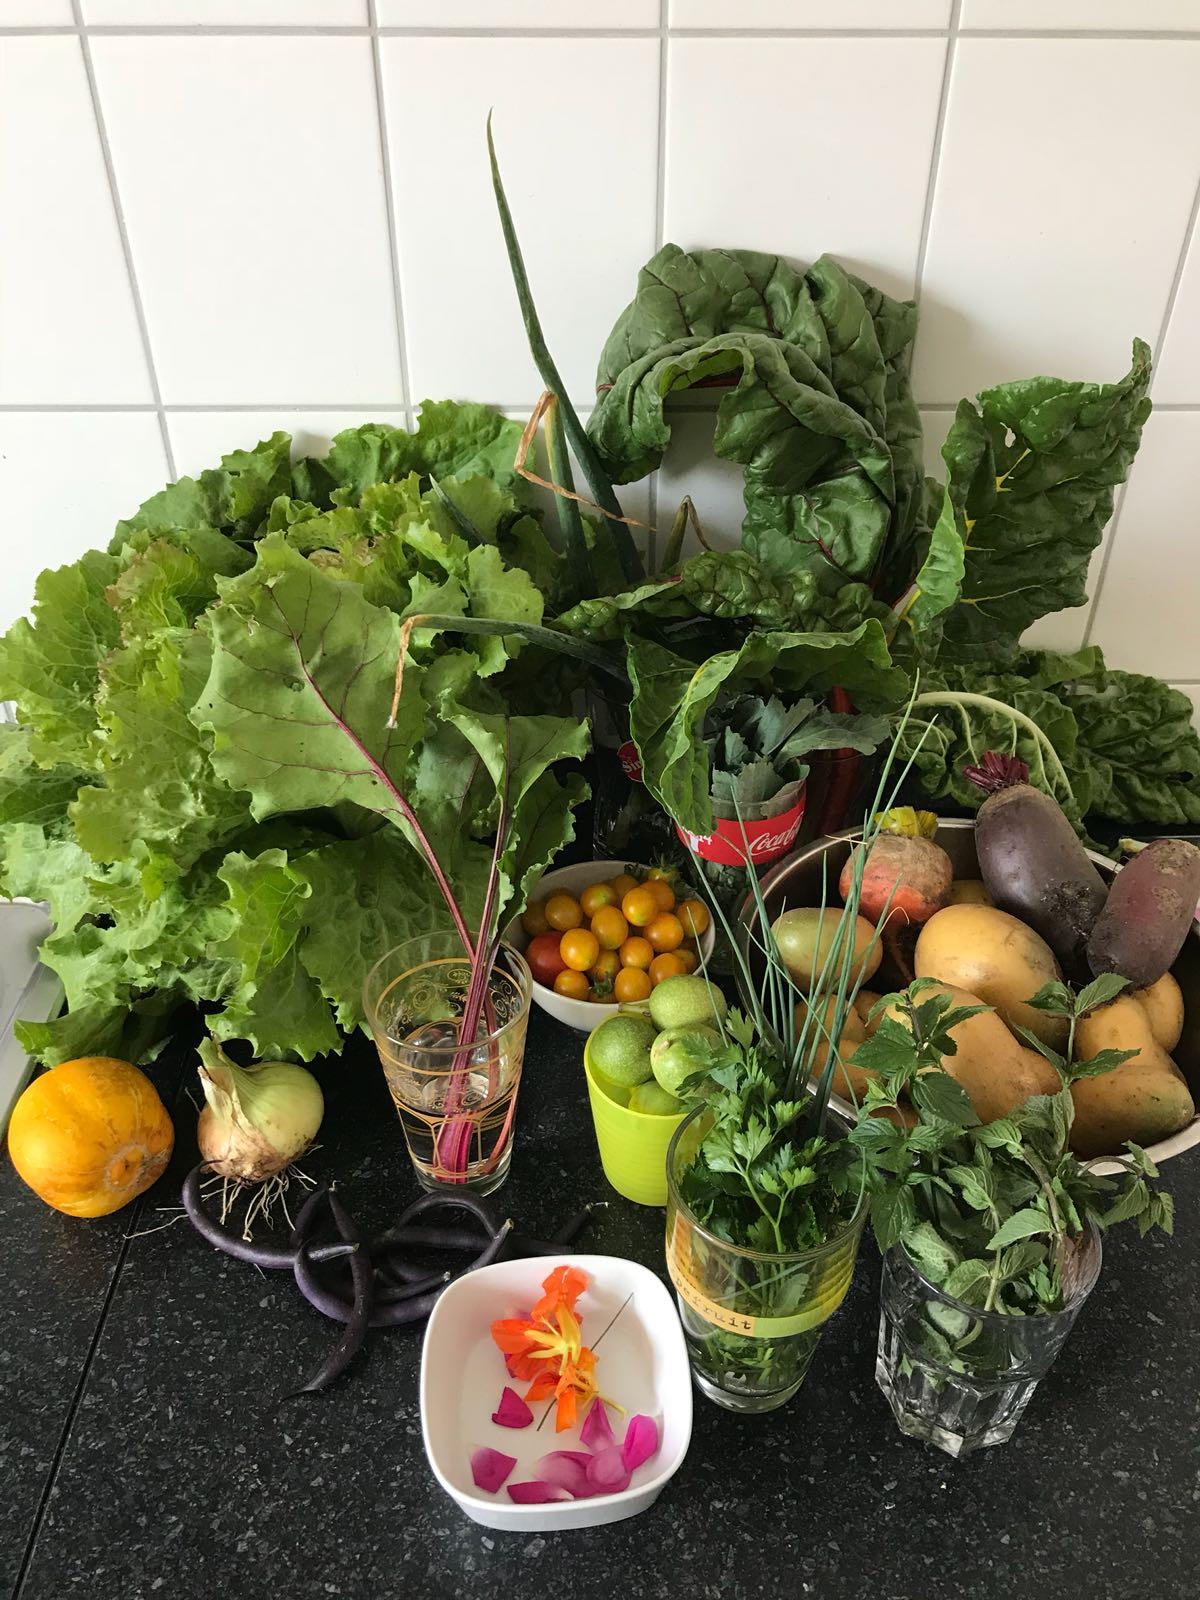 Gemüse aus dem Garten von Sebastian